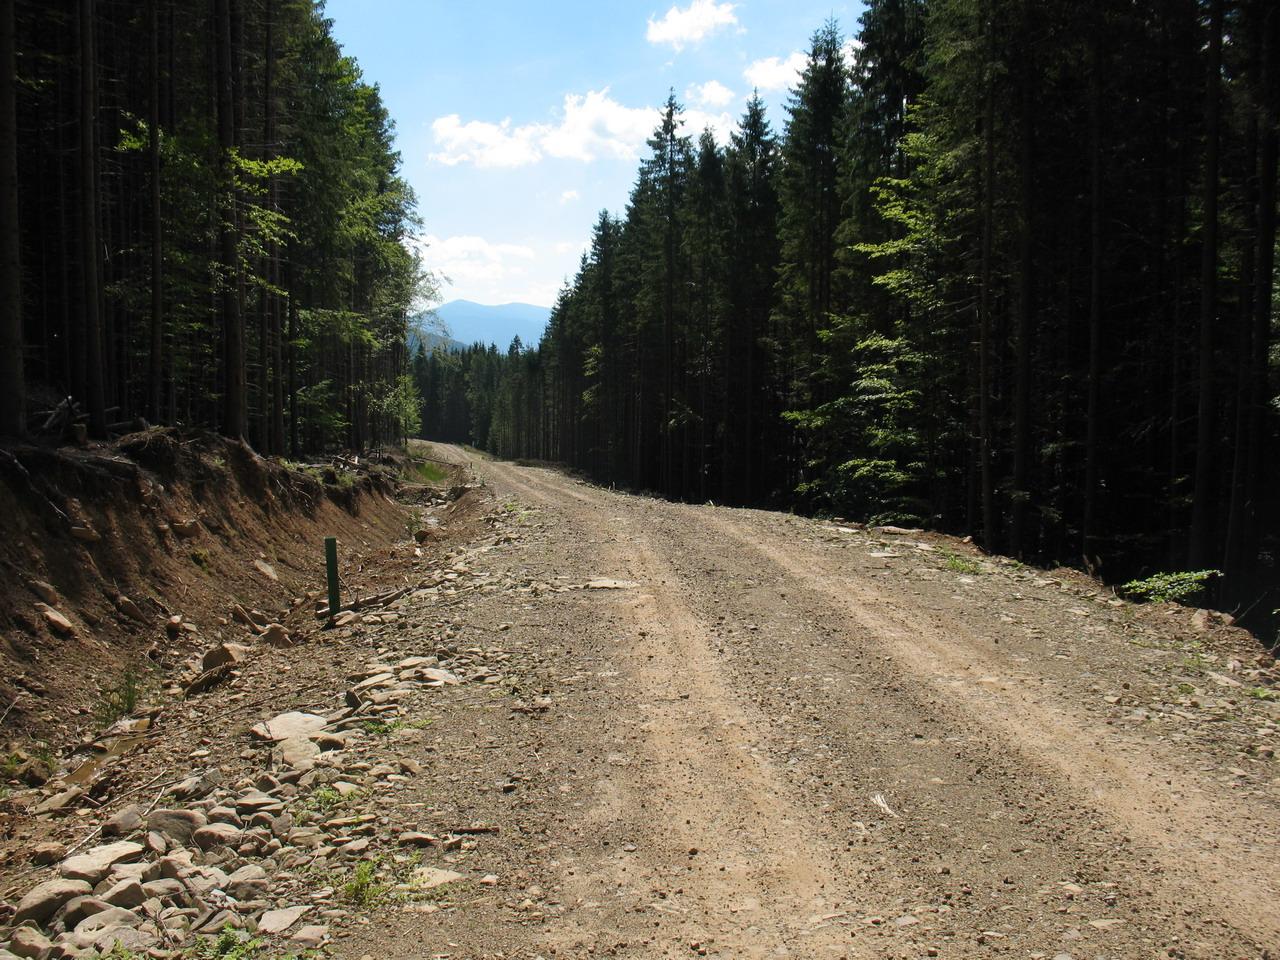 Нова дорога з Росоханського лісництва в сторону Мислівки